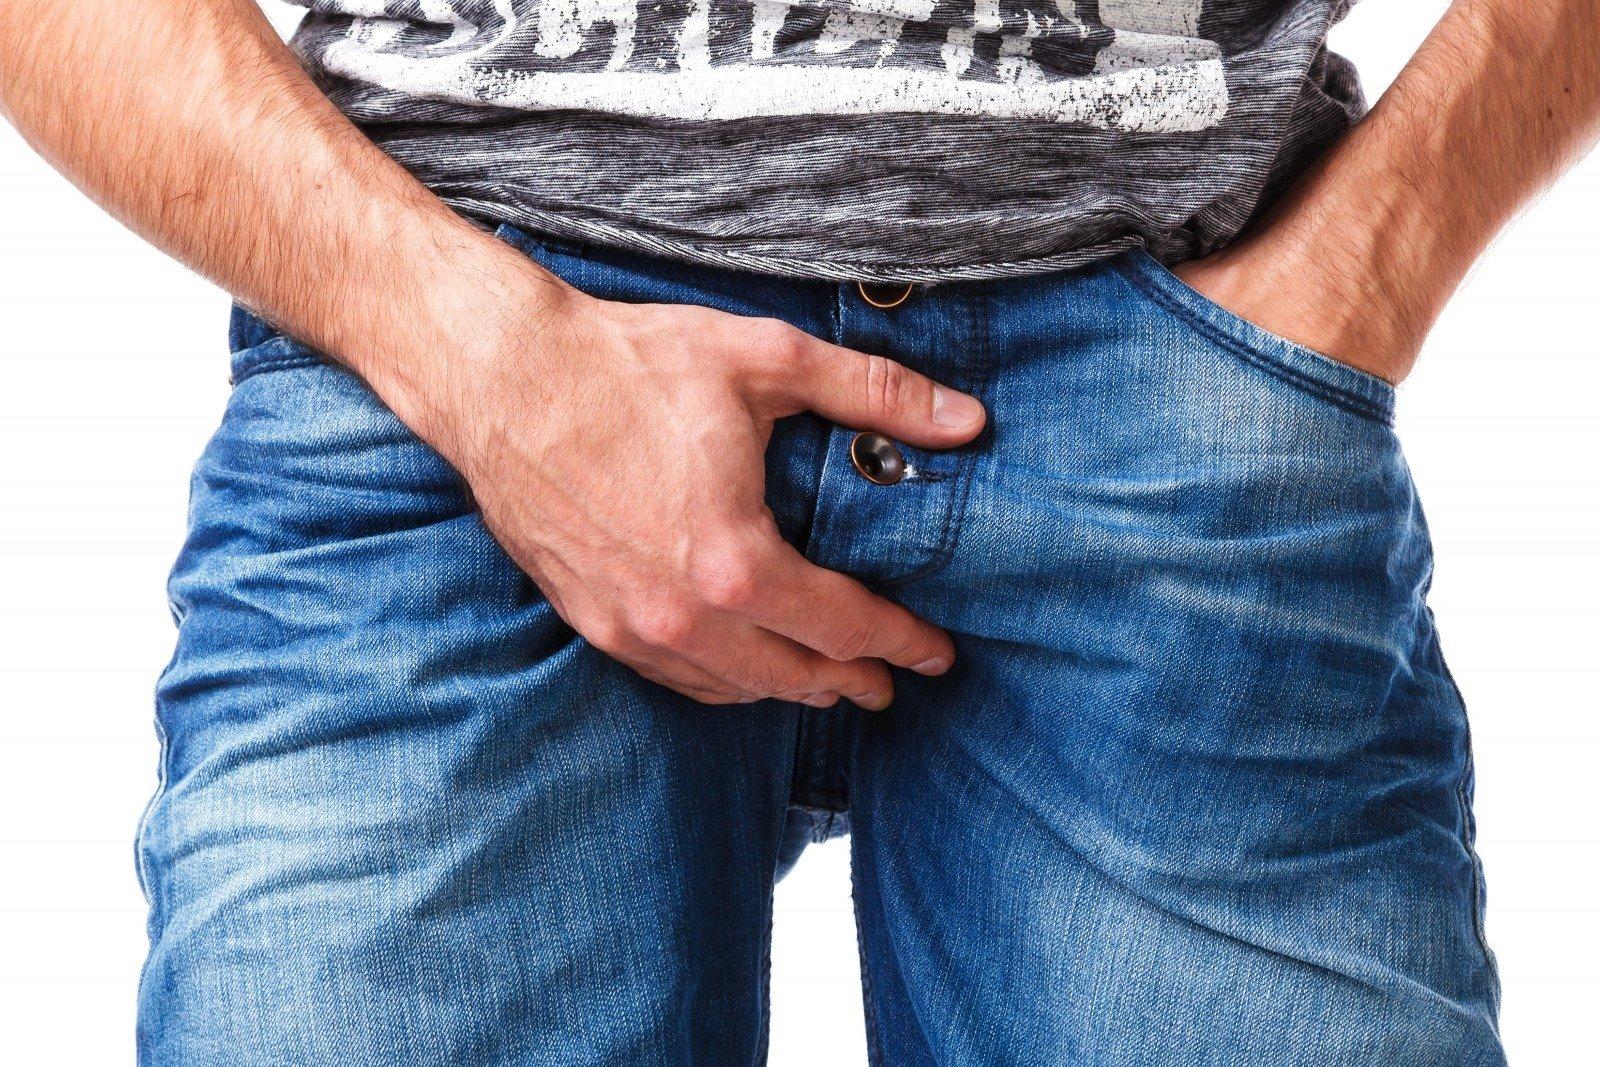 vyrų varpa ar penis yra didžiausia karamelė kaip varpa